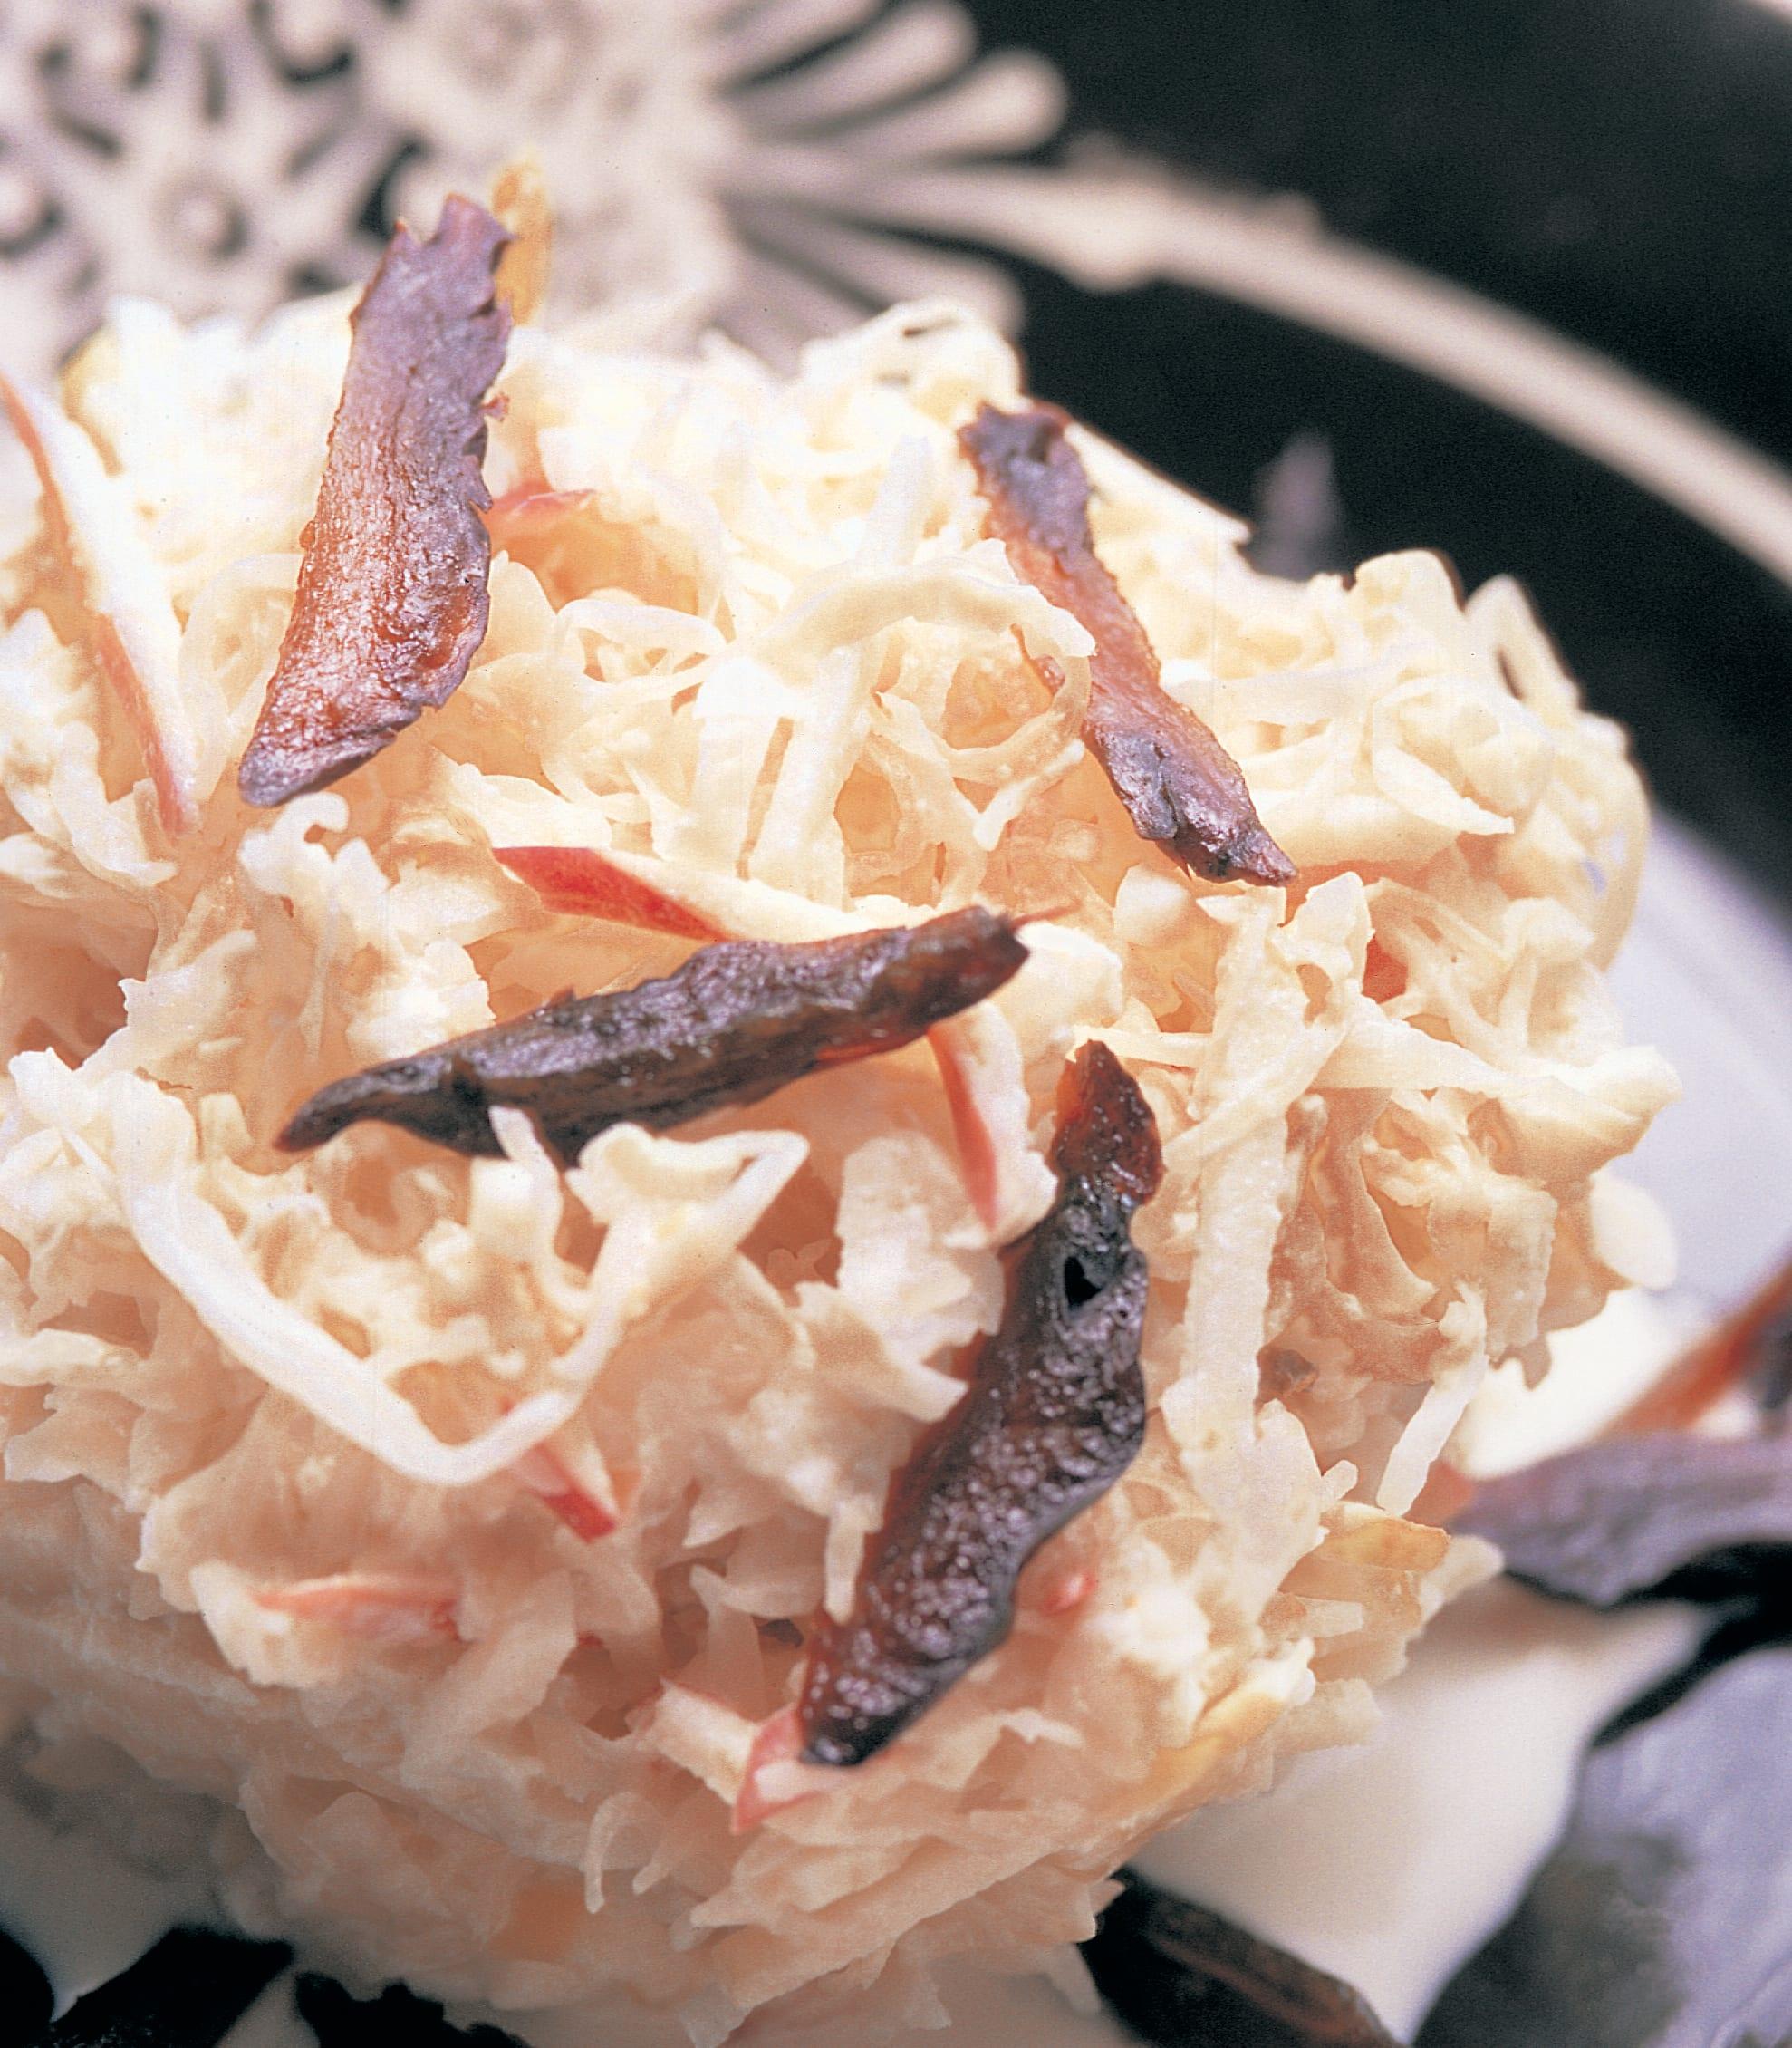 Sauerkraut-Apfelsalat an Ingwer-Rahmsauce